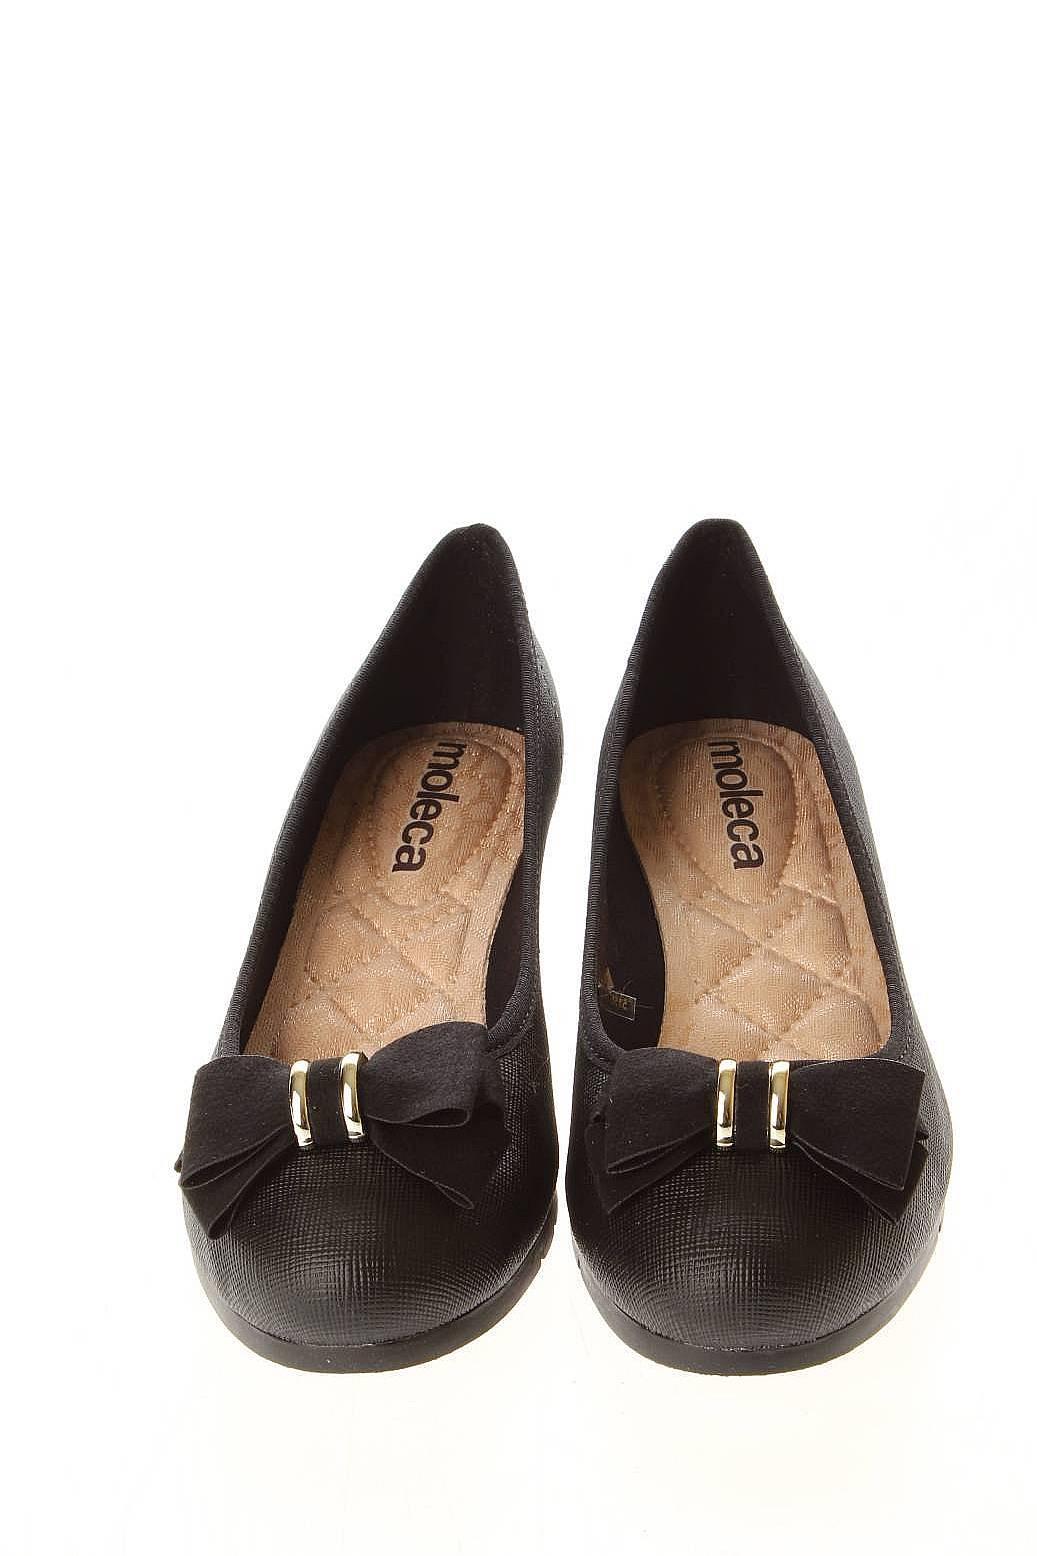 Мужская Обувь Детская Обувь Женская Обувь Туфли: Moleca Обувь